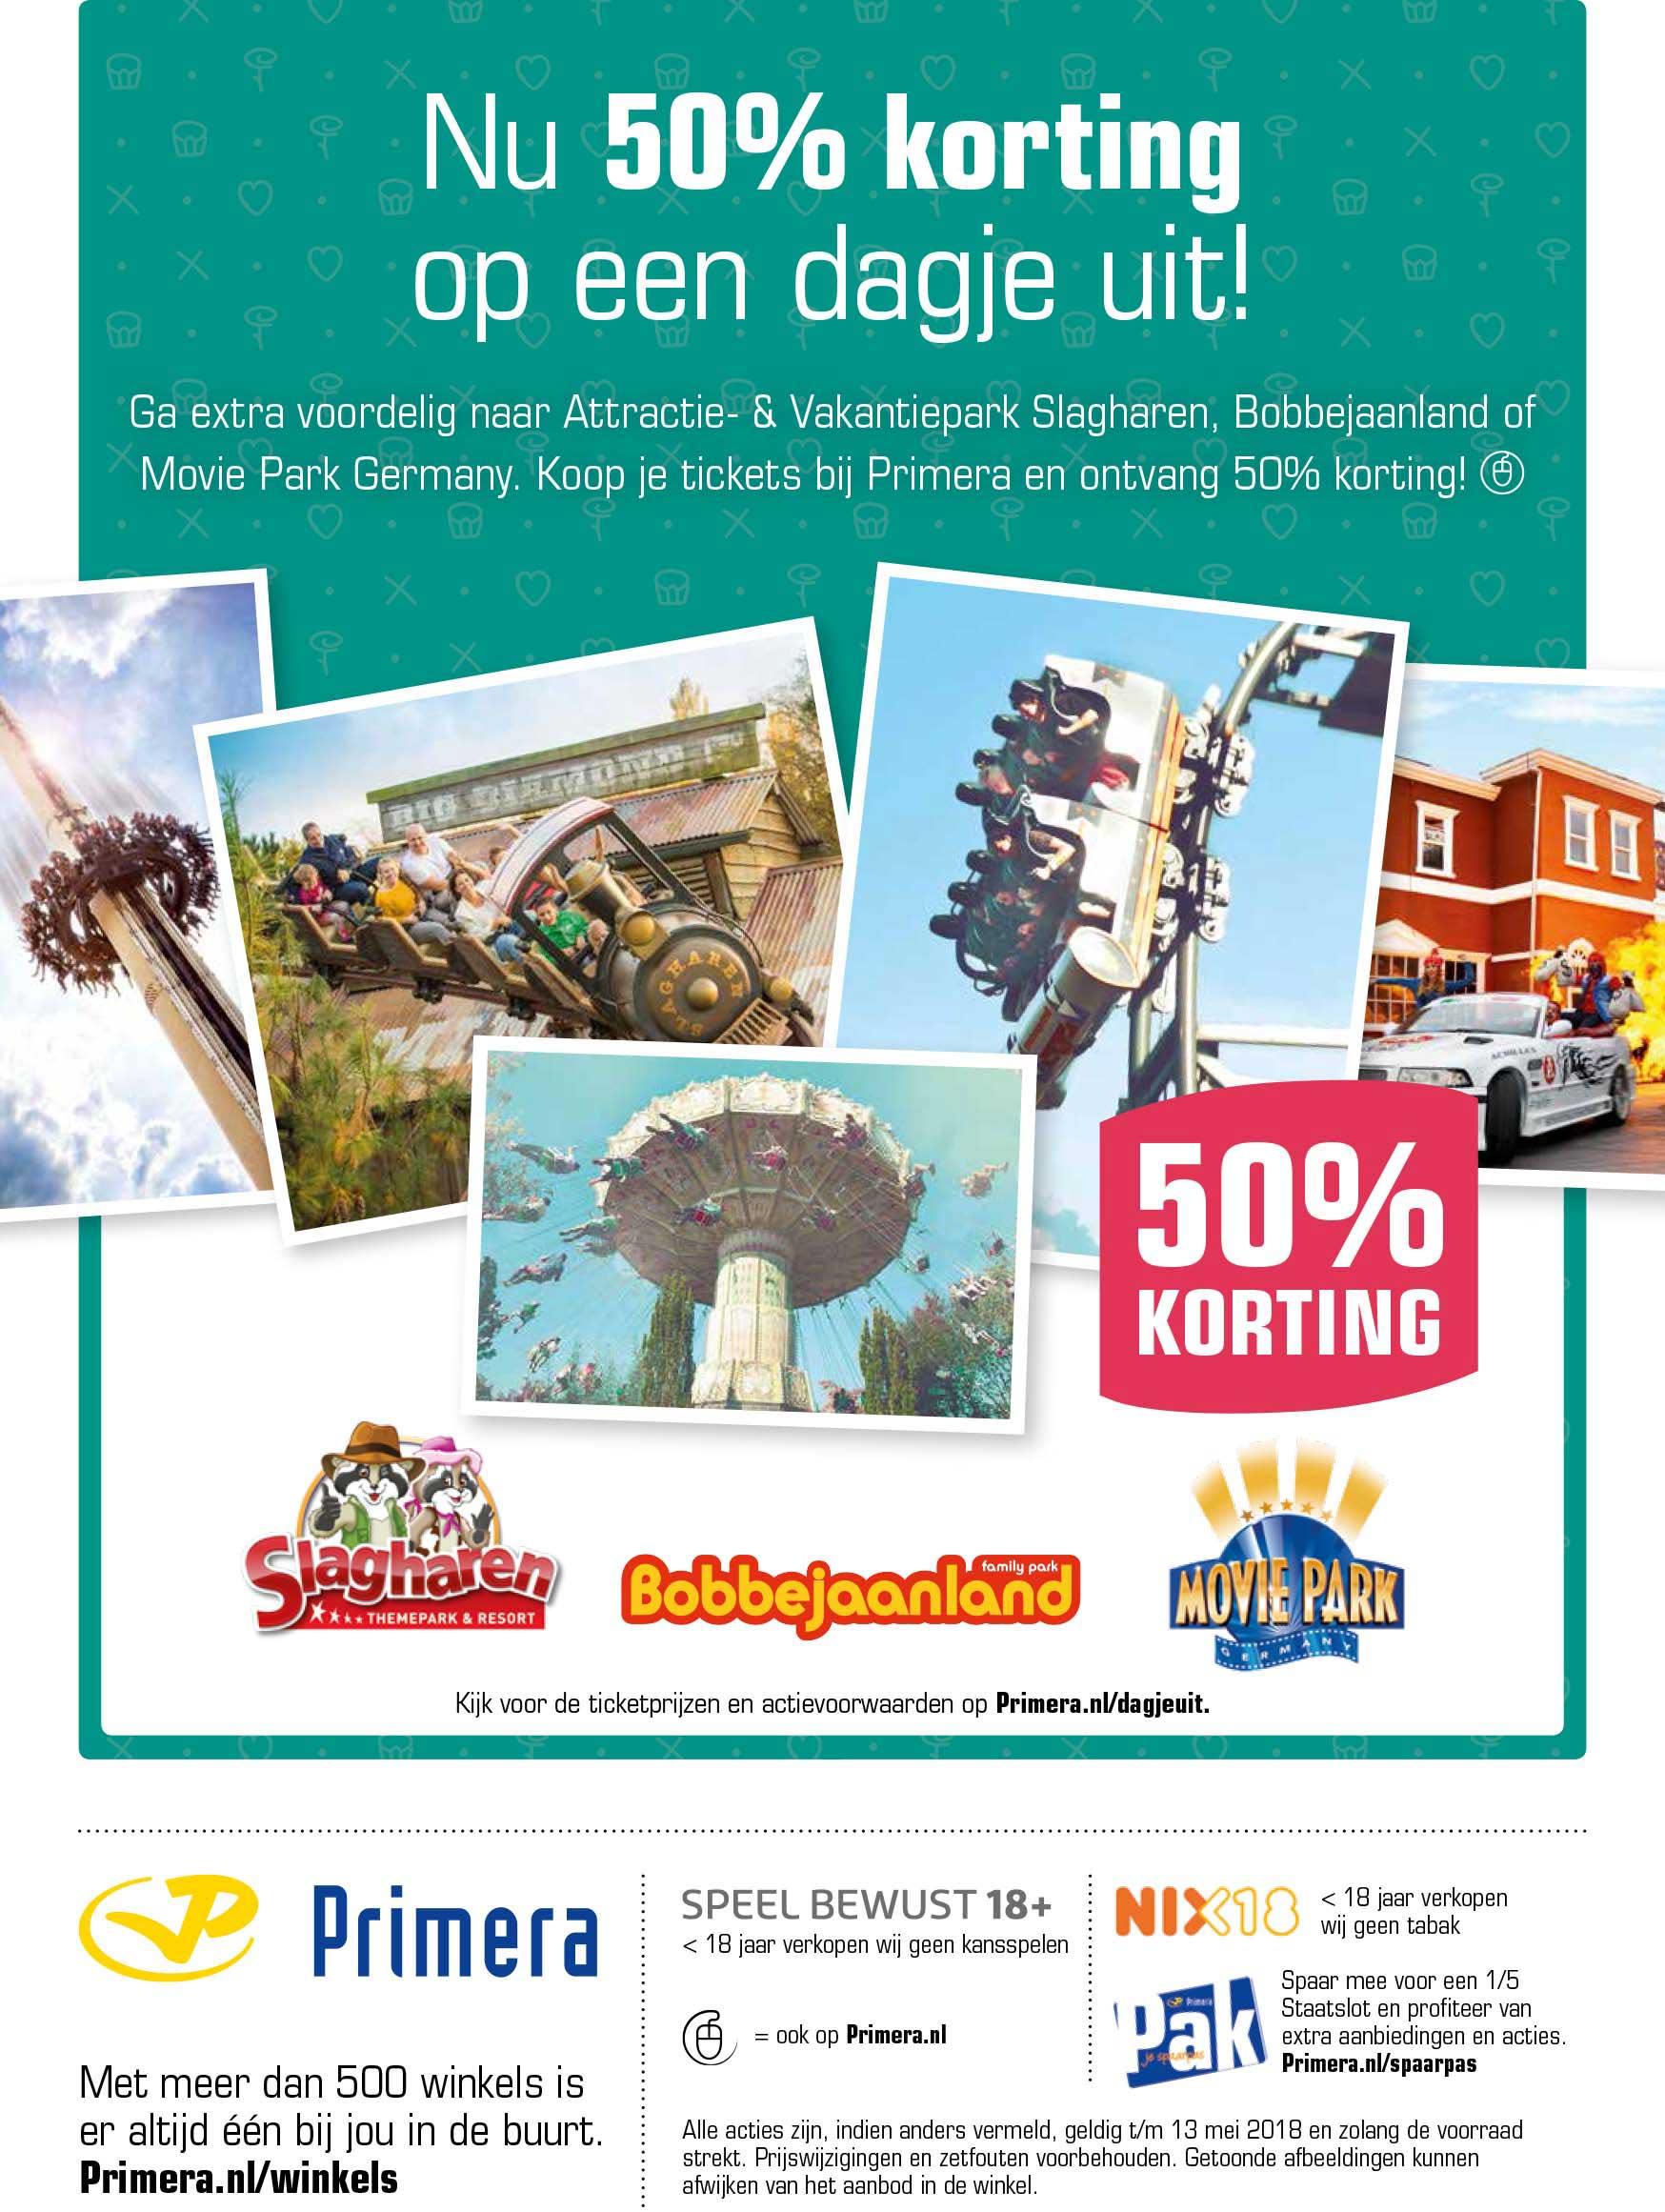 Primera Nu 50% Korting Op Een Dagje Uit!